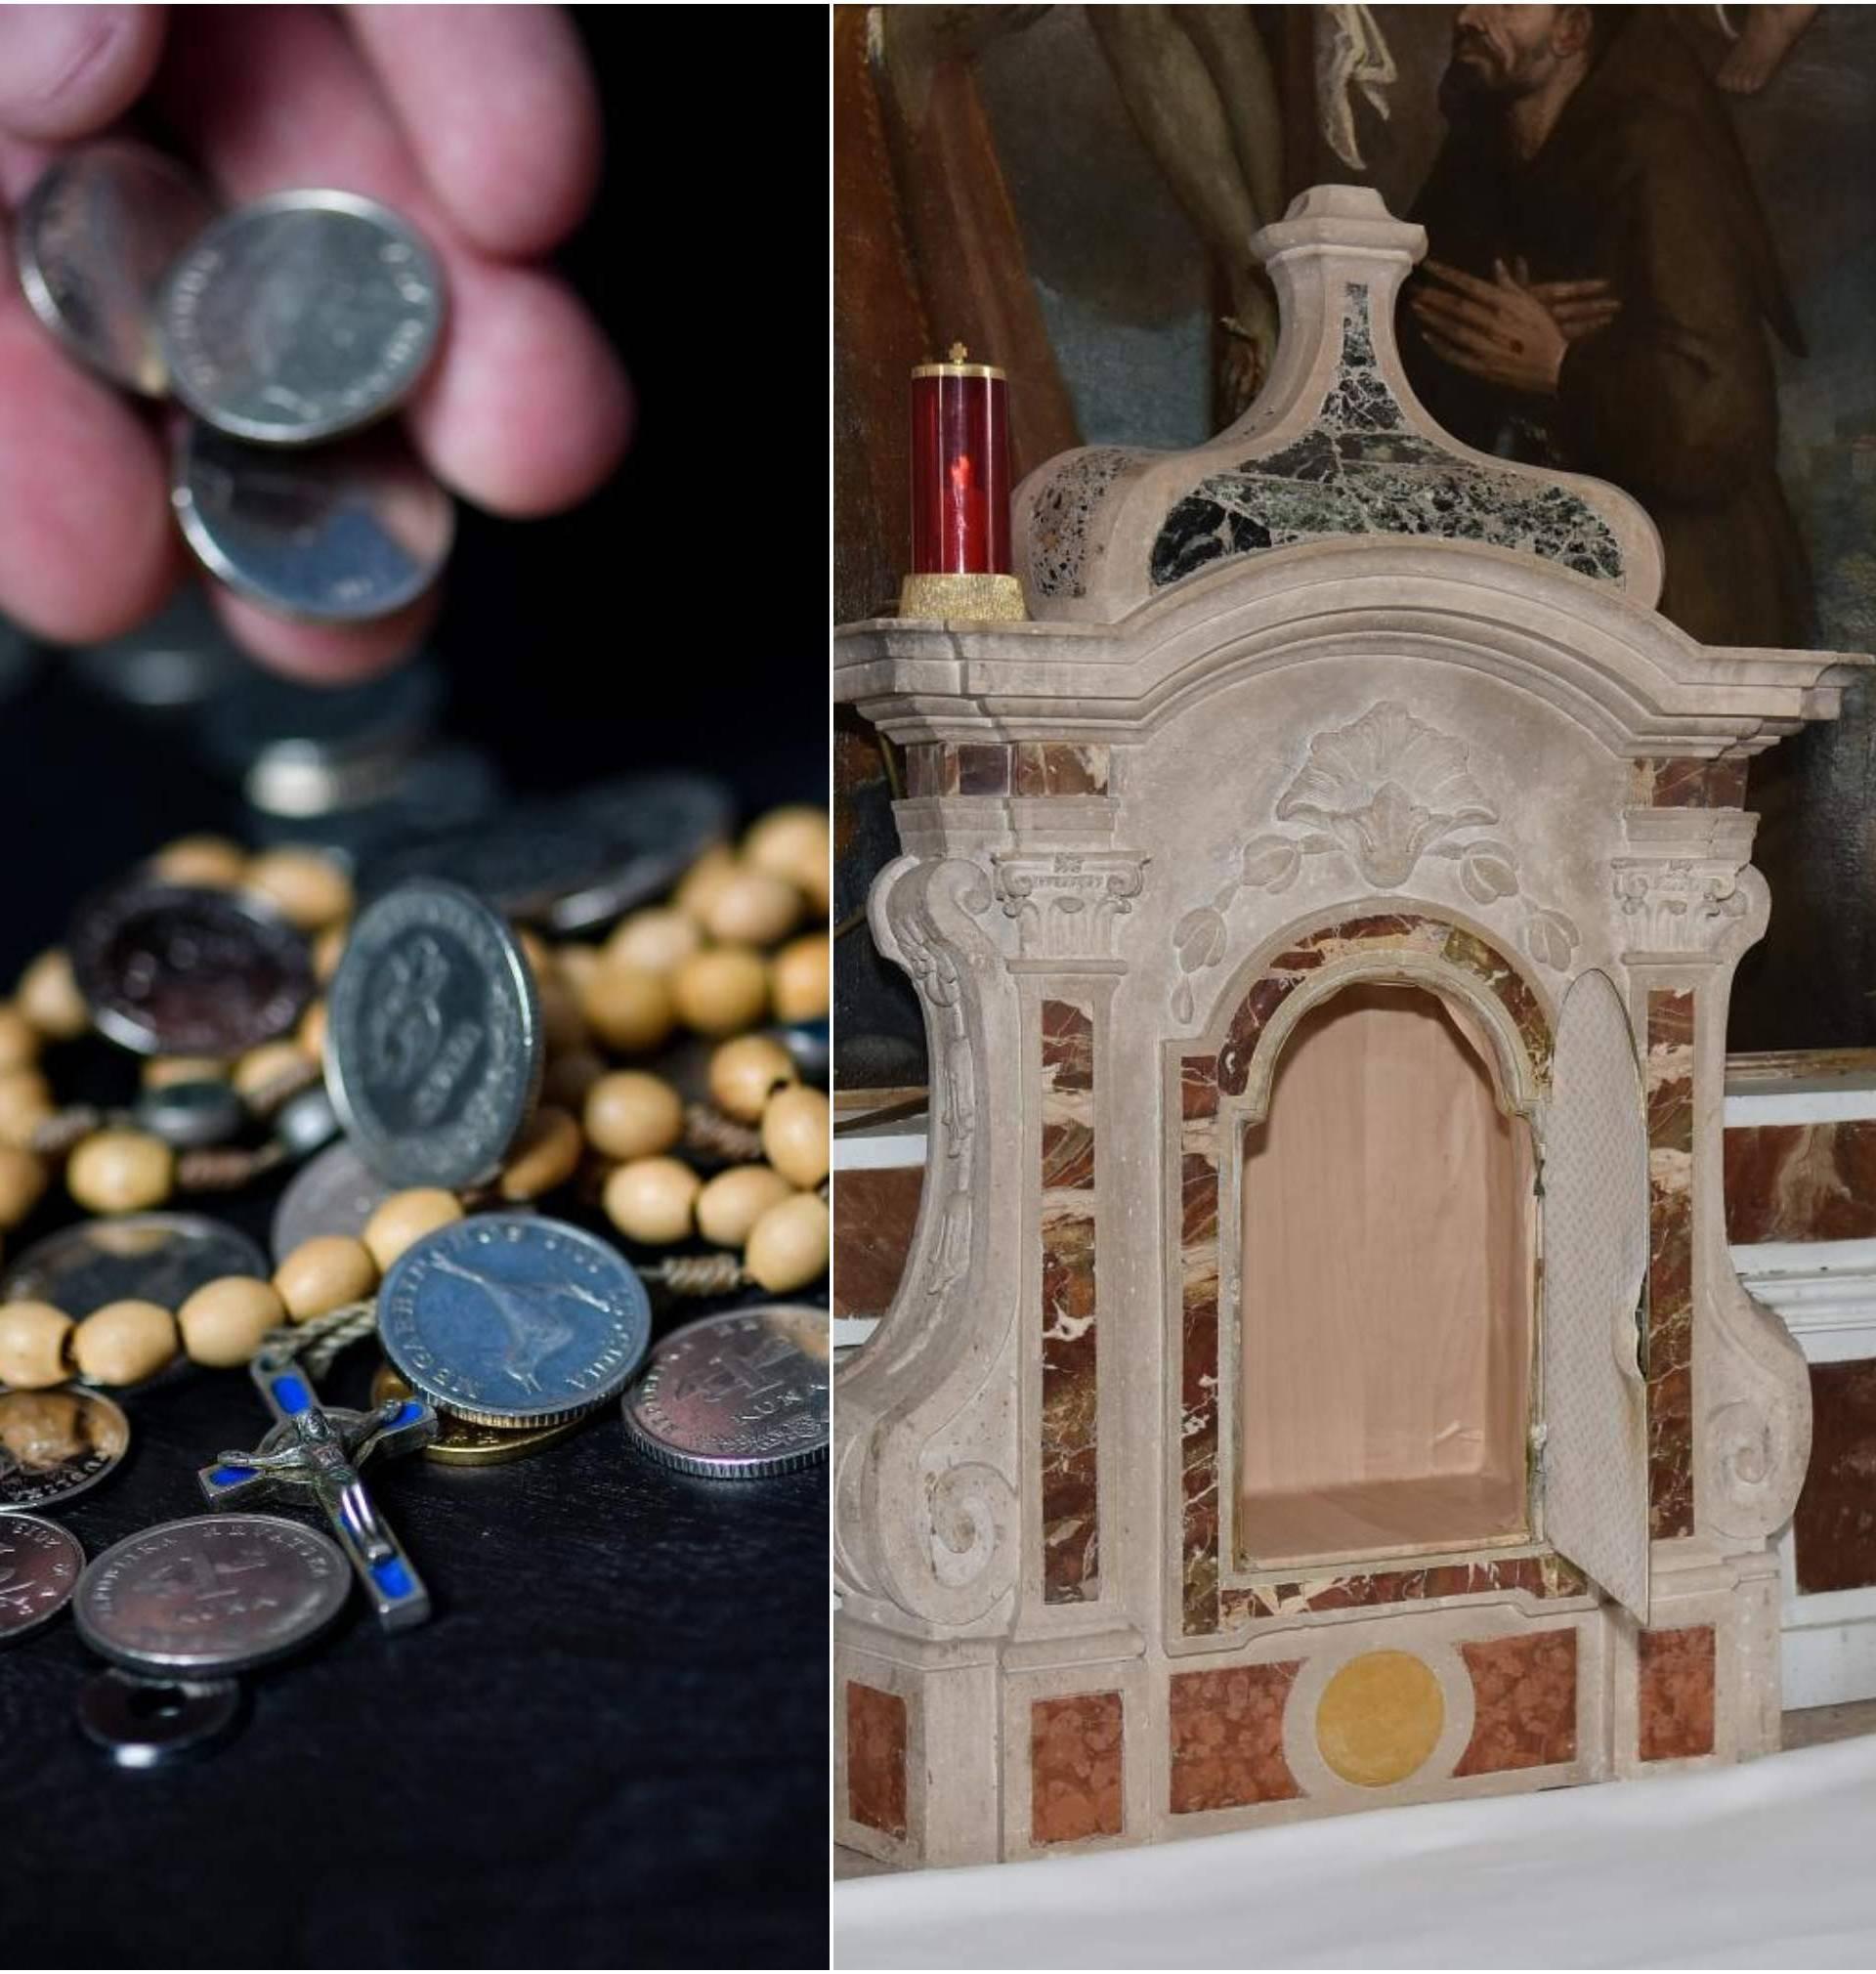 Krade milodare po crkvama, a jednom svećeniku uzeo satove